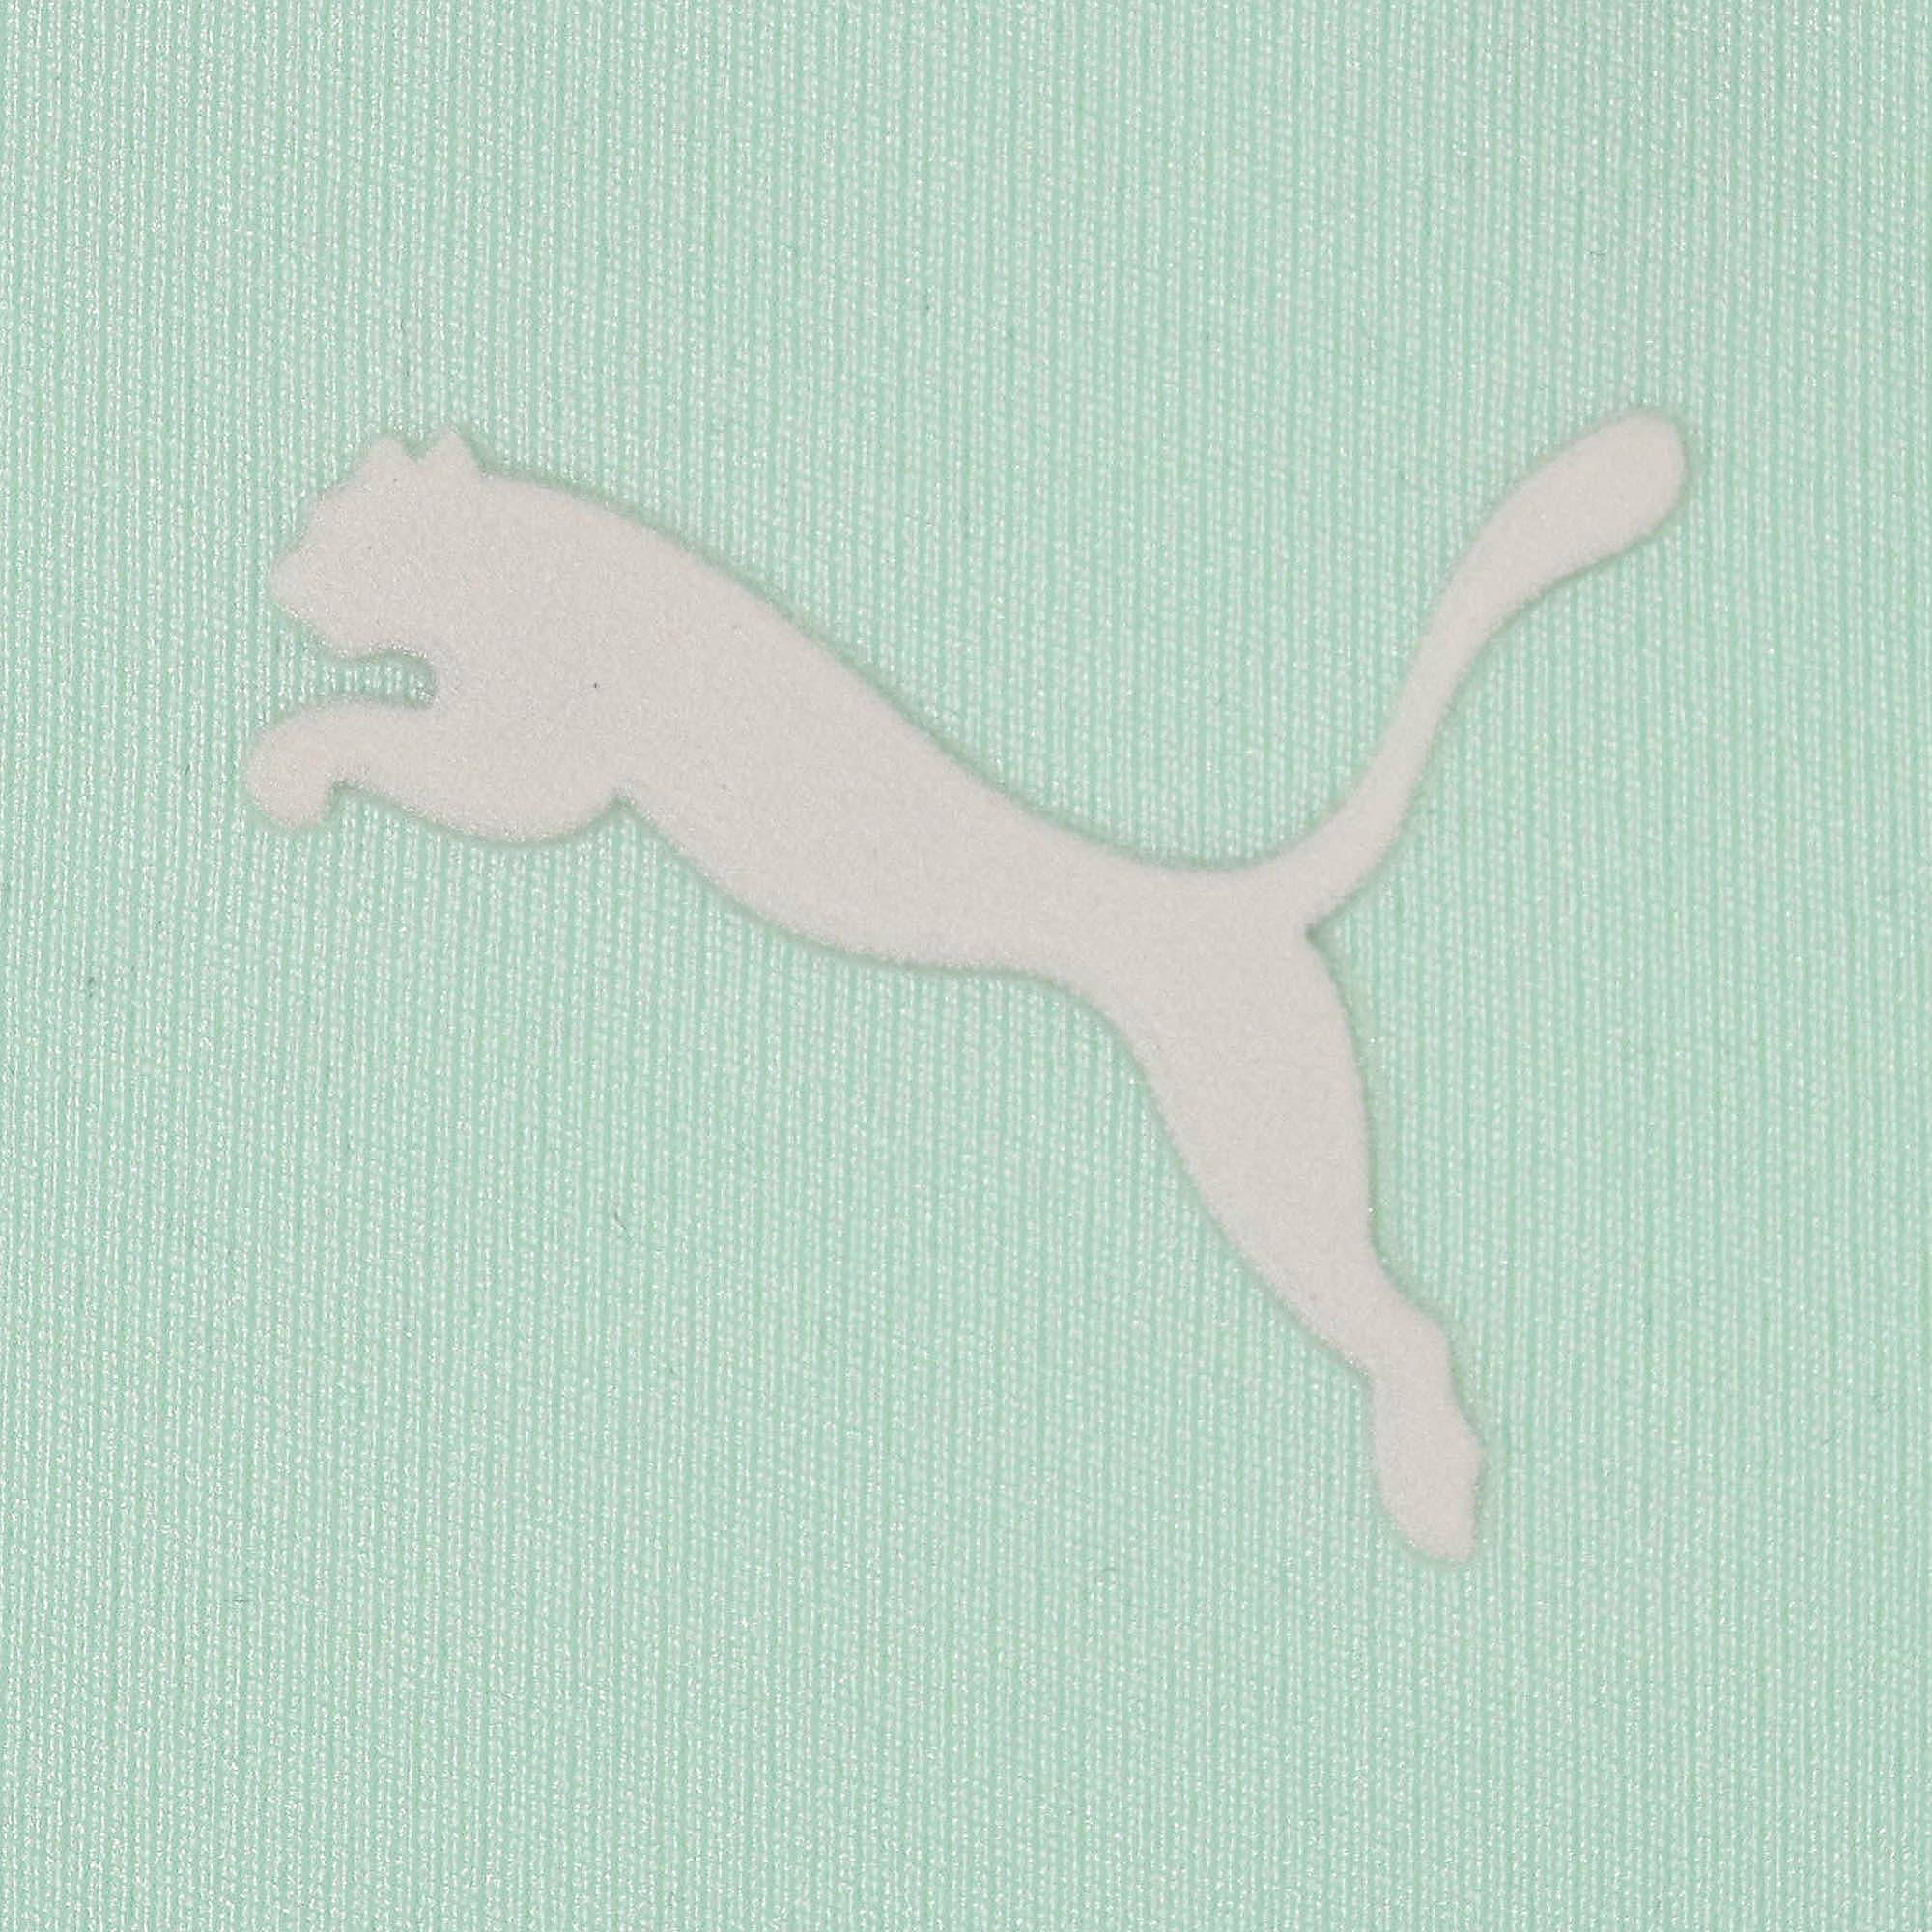 Thumbnail 7 of SG x PUMA ウィメンズ クロップド トップ, Fair Aqua-Puma Black, medium-JPN